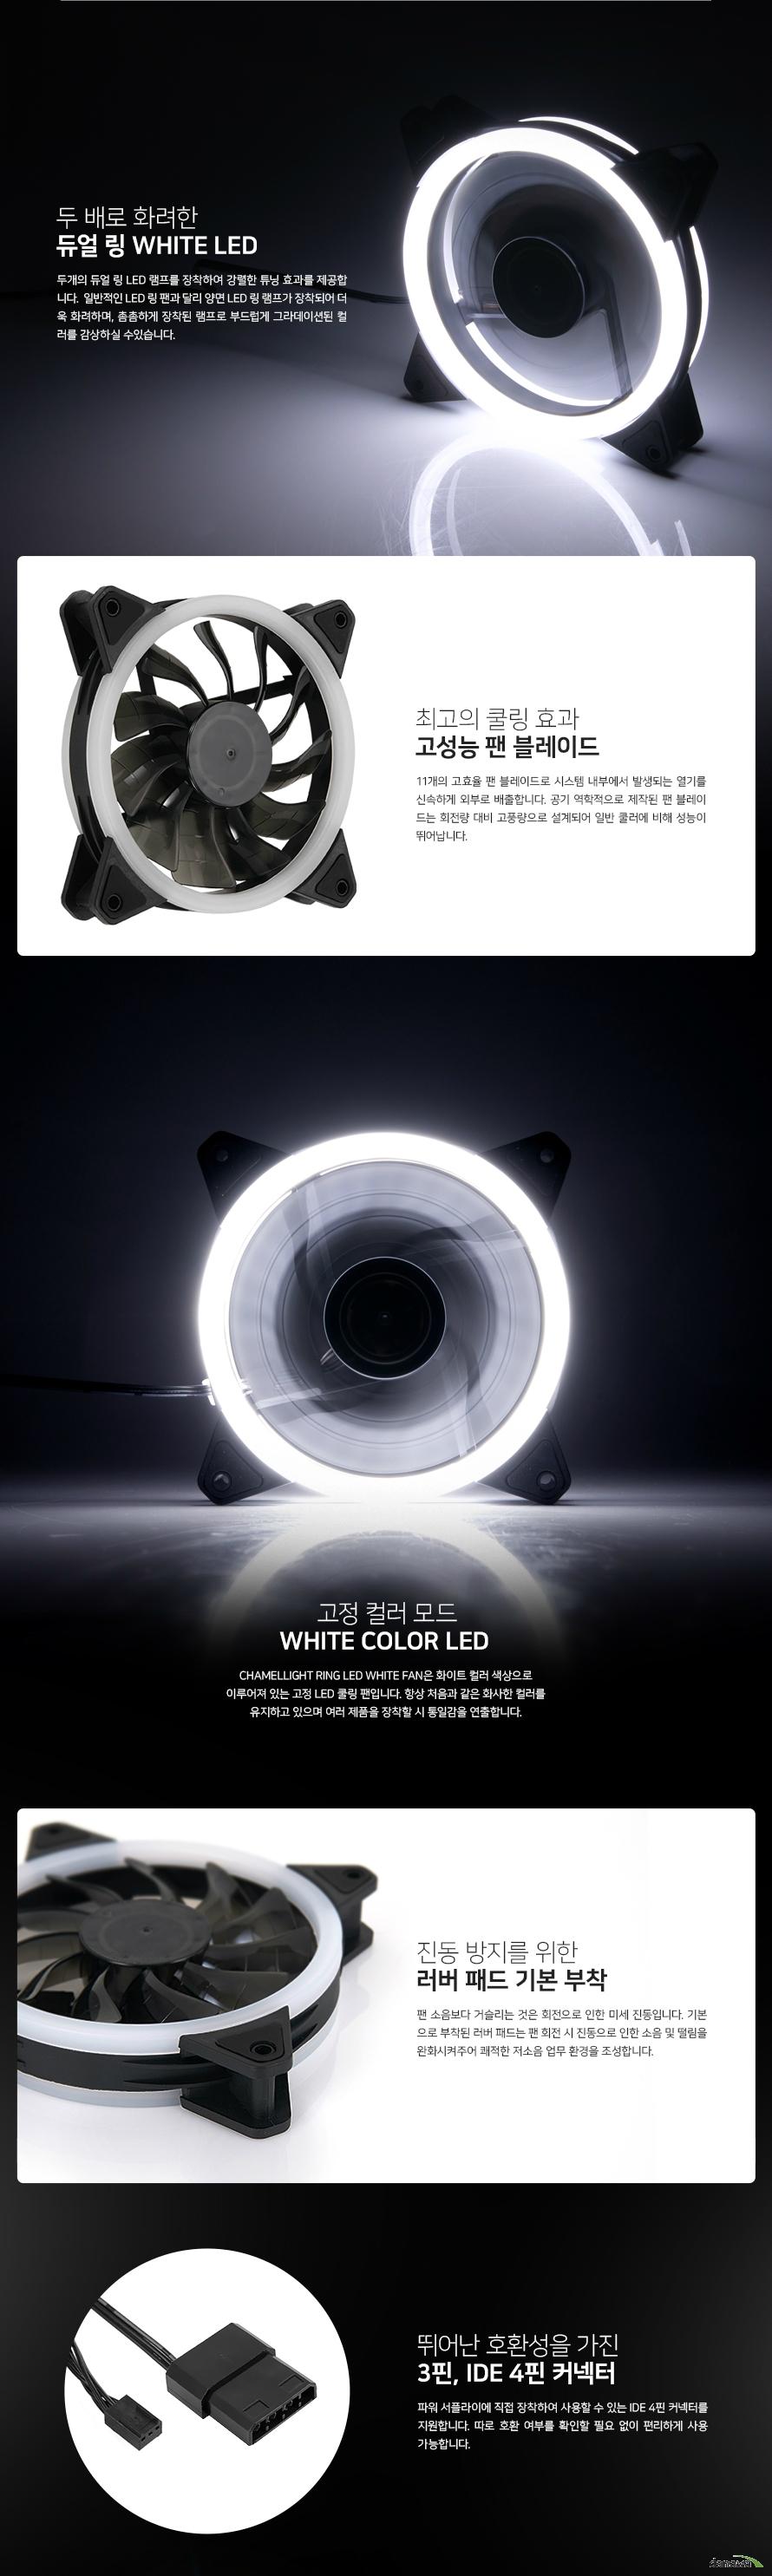 대양케이스  CHAMELLIGHT WHITE 120 듀얼링